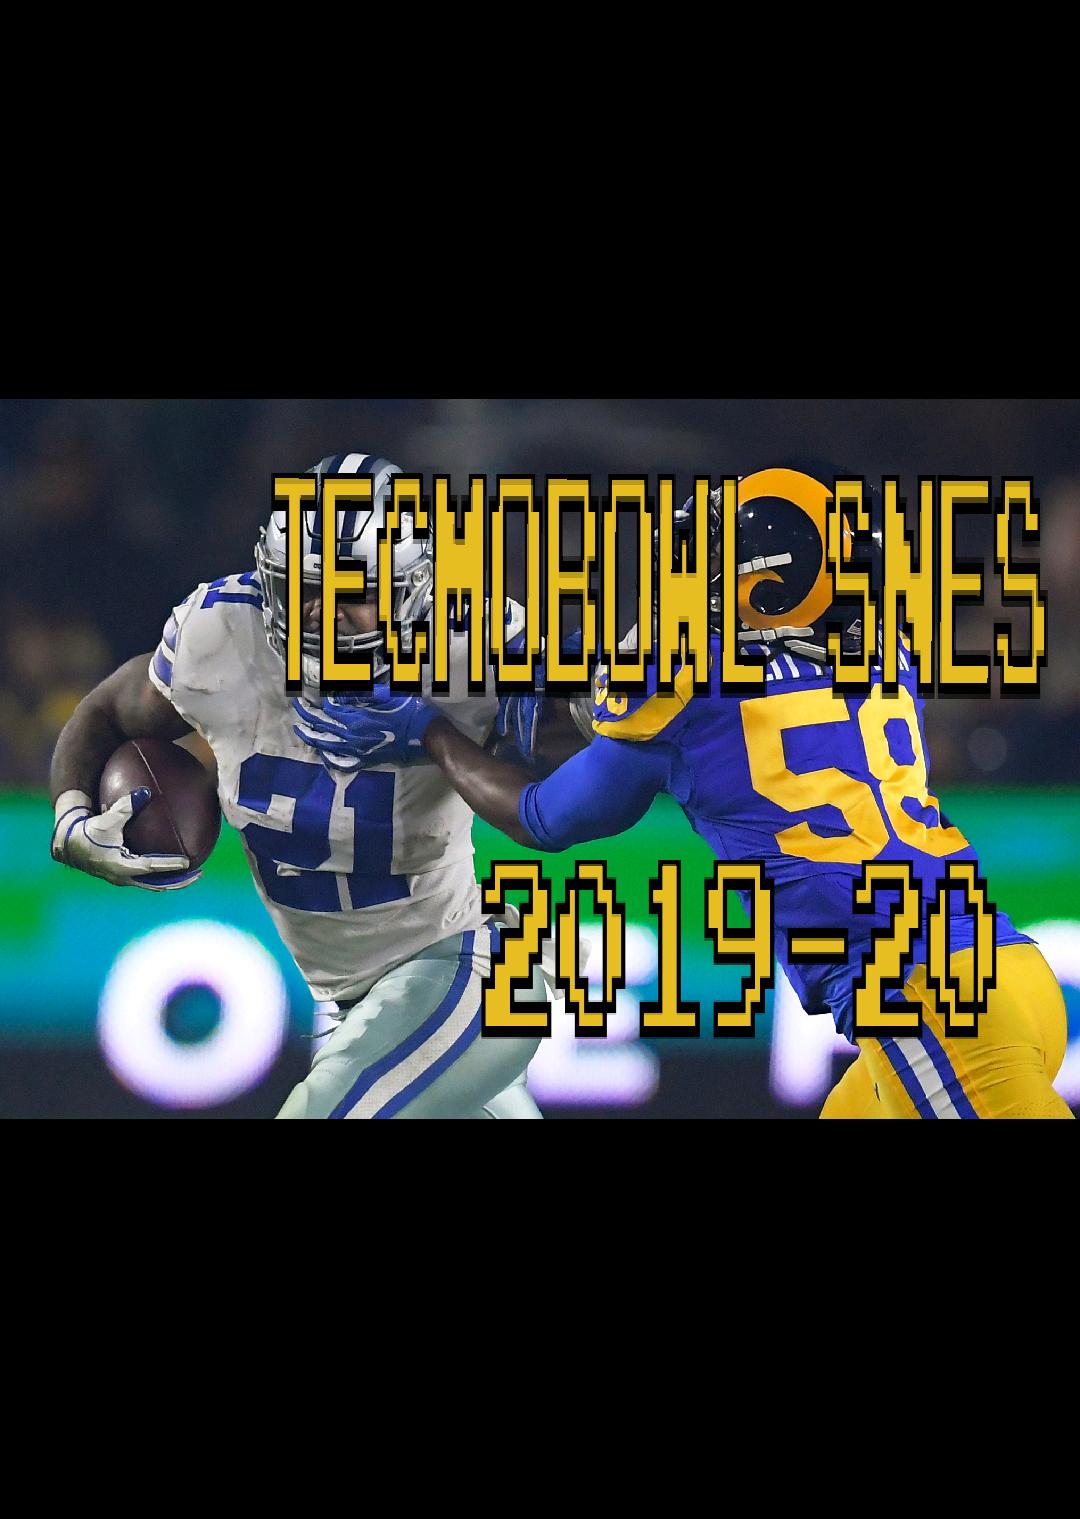 Tecmobowl 2019-20